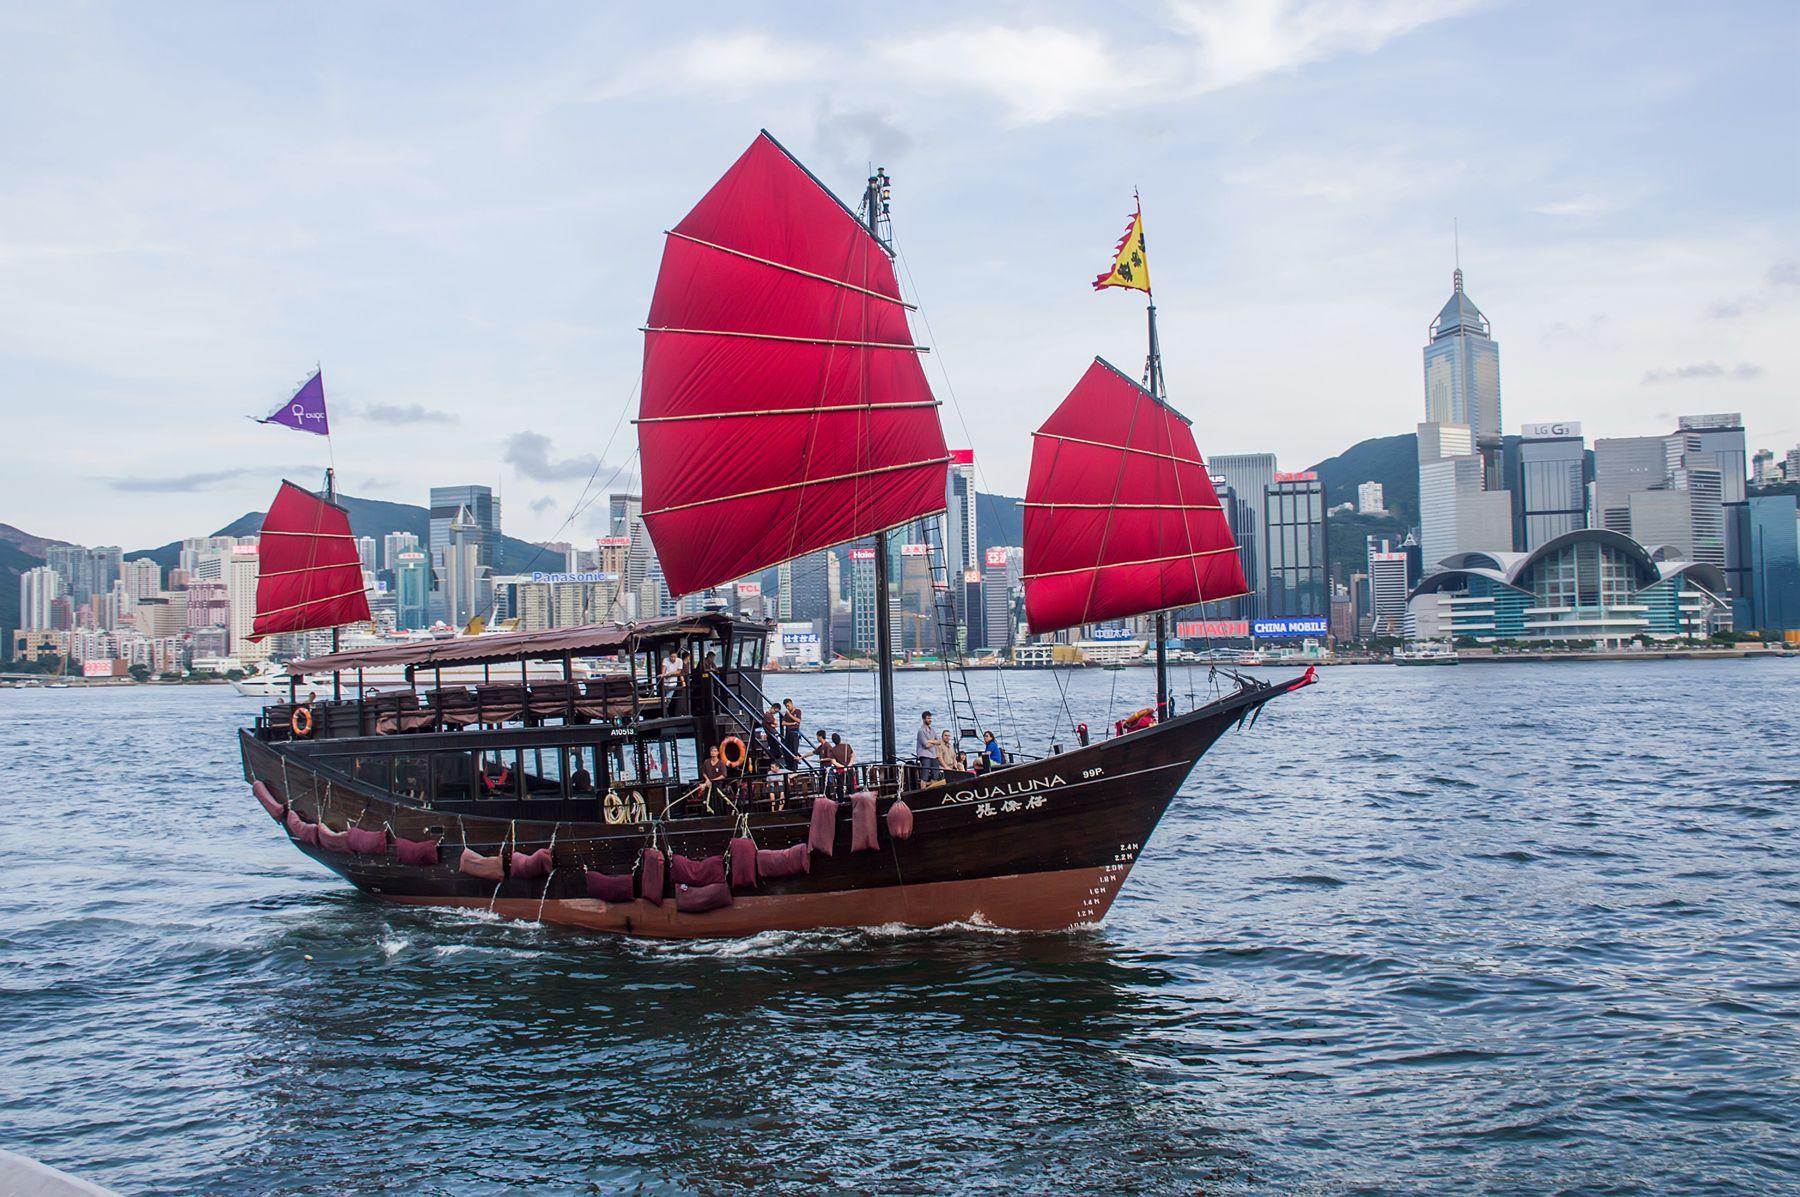 2019香港公司注册攻略:费用、流程及时间详解